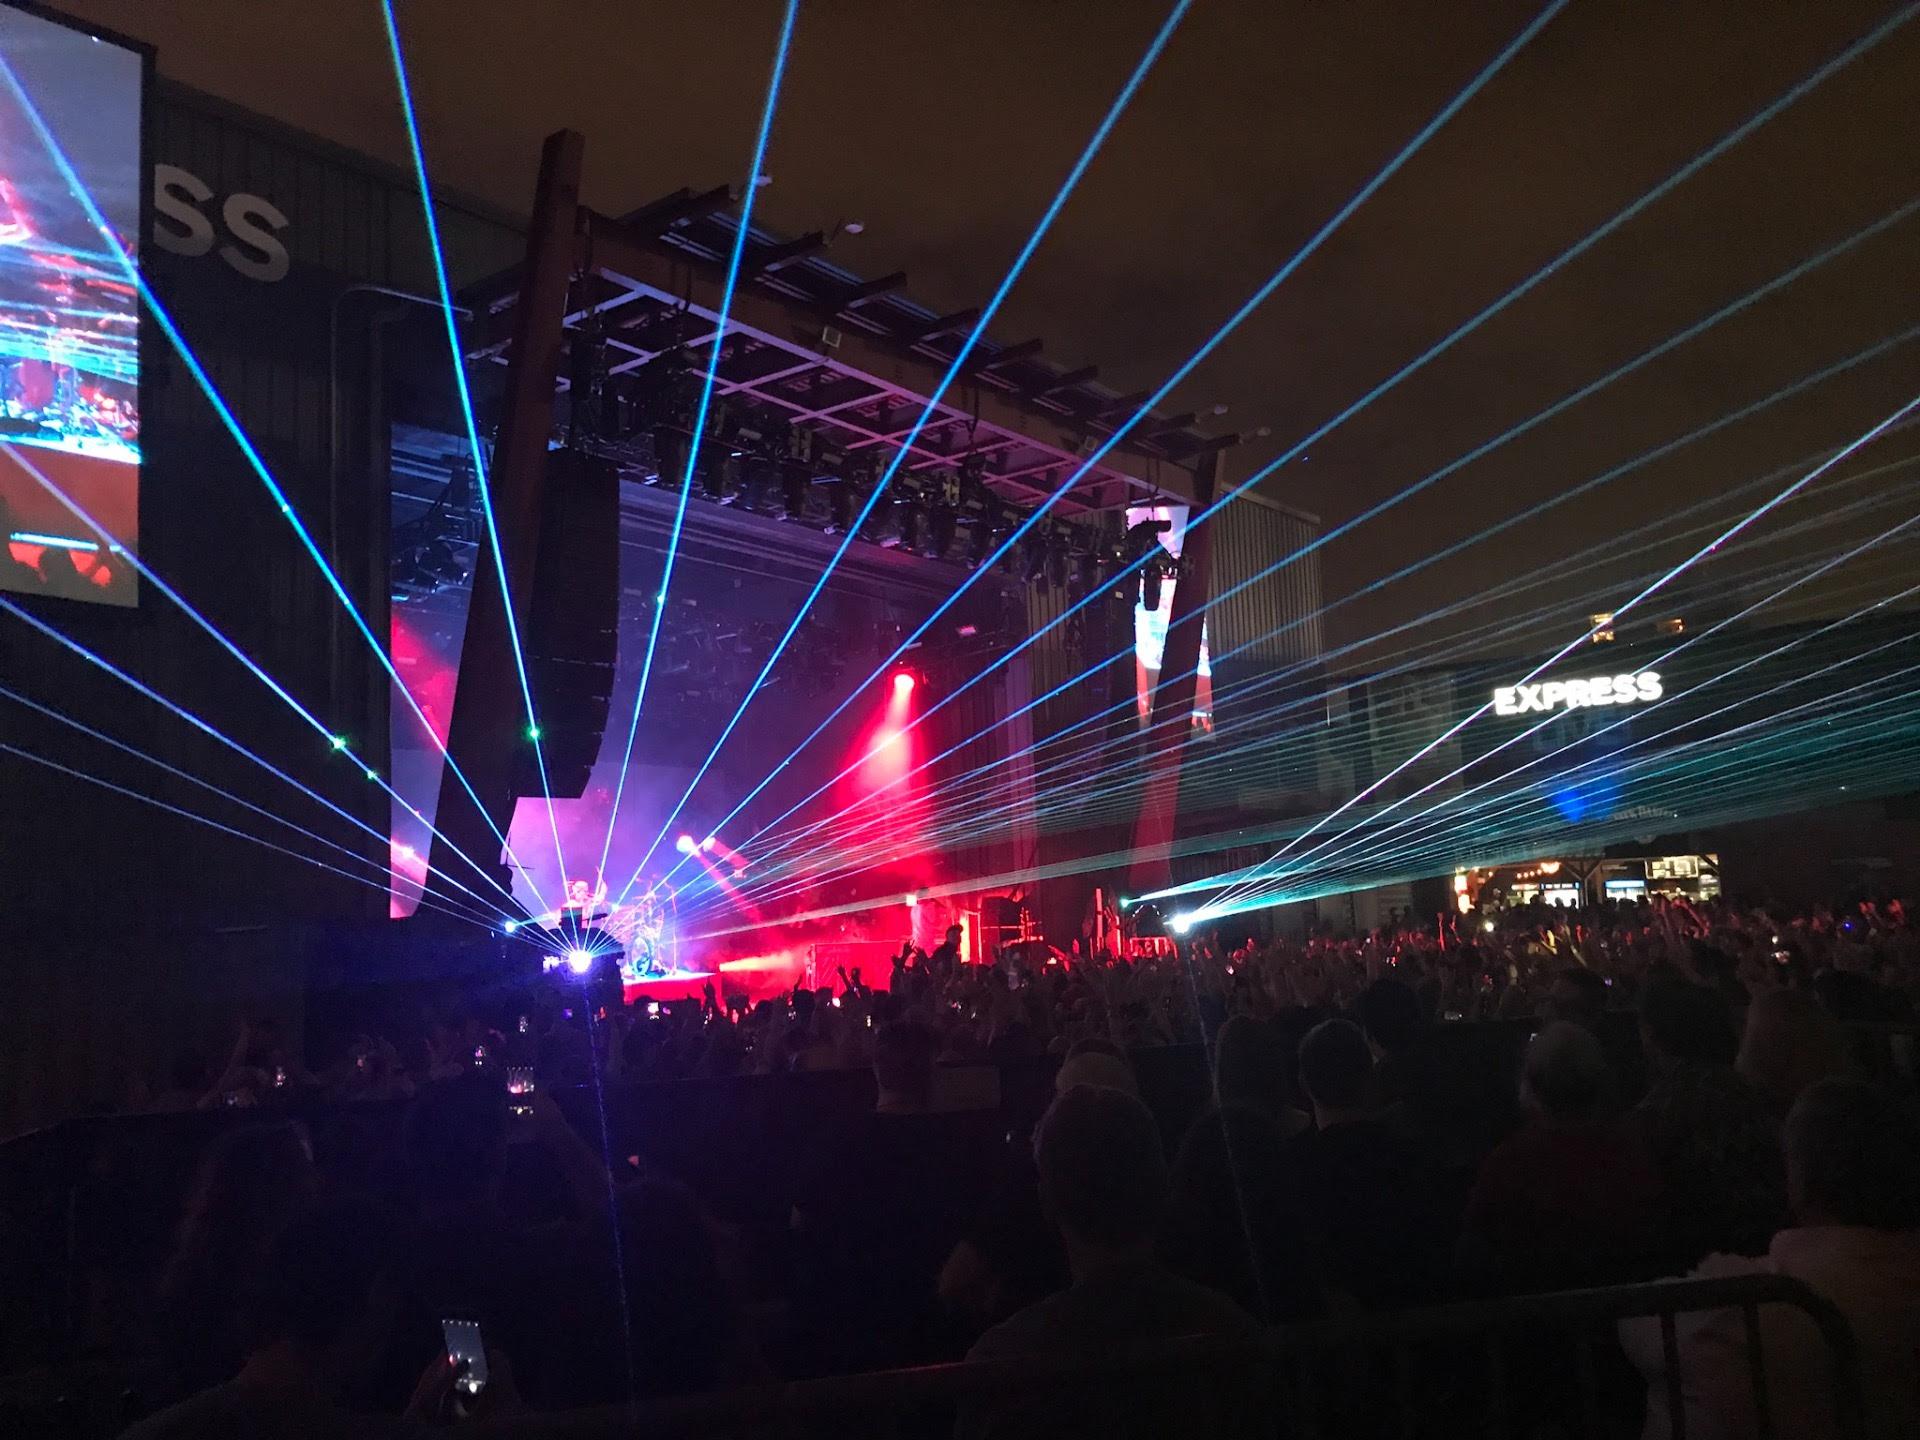 Express Live Section Lawn Row Front Twenty One Pilots Vs Tour De